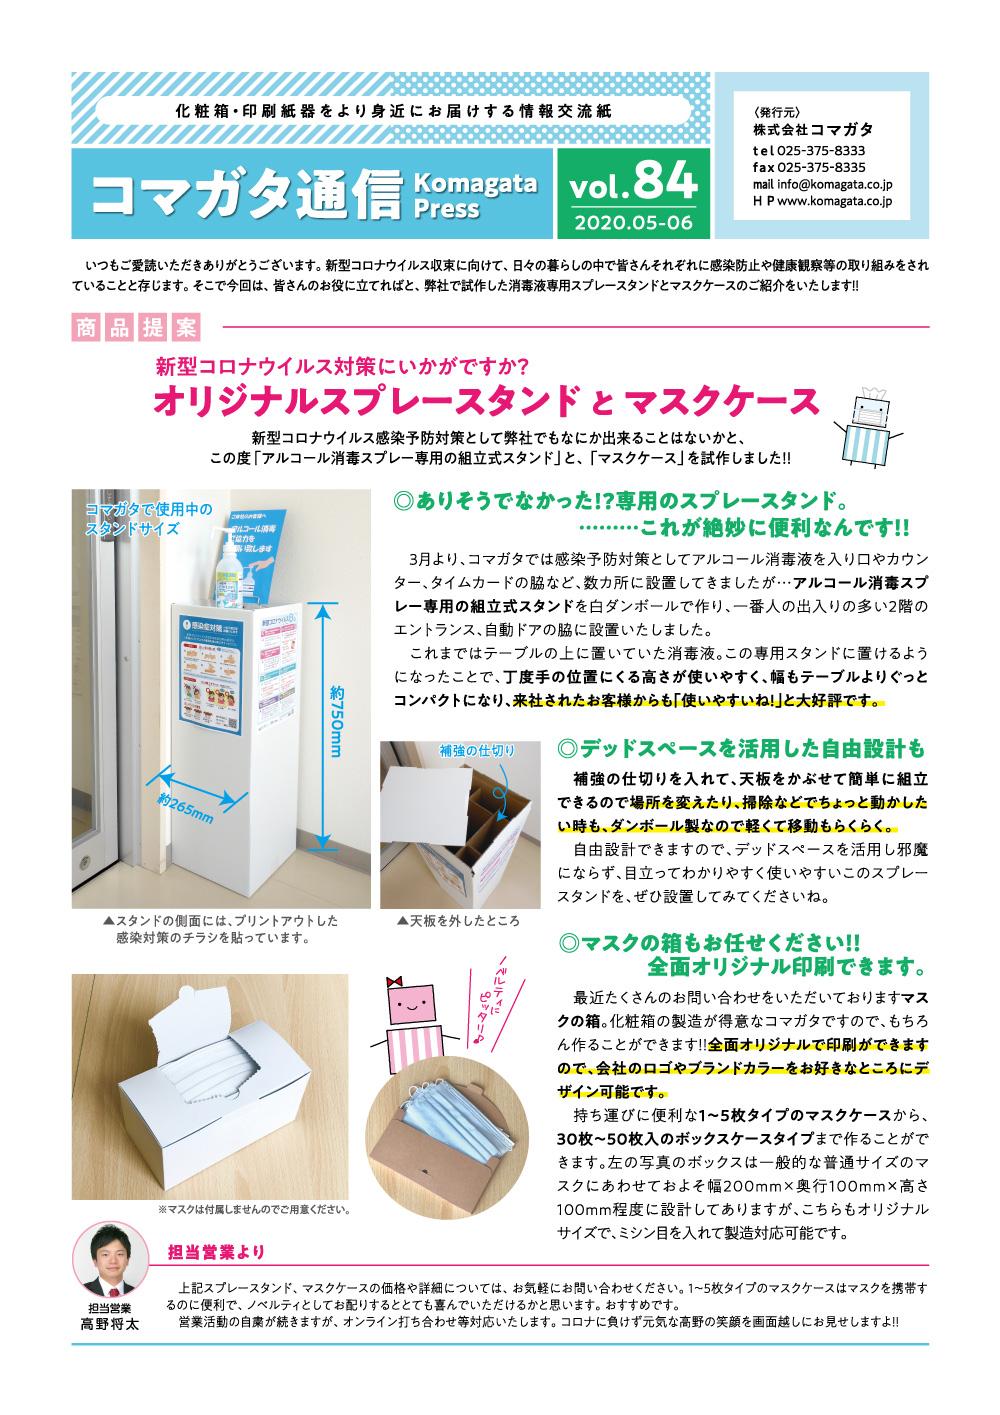 コマガタ通信vol-84表